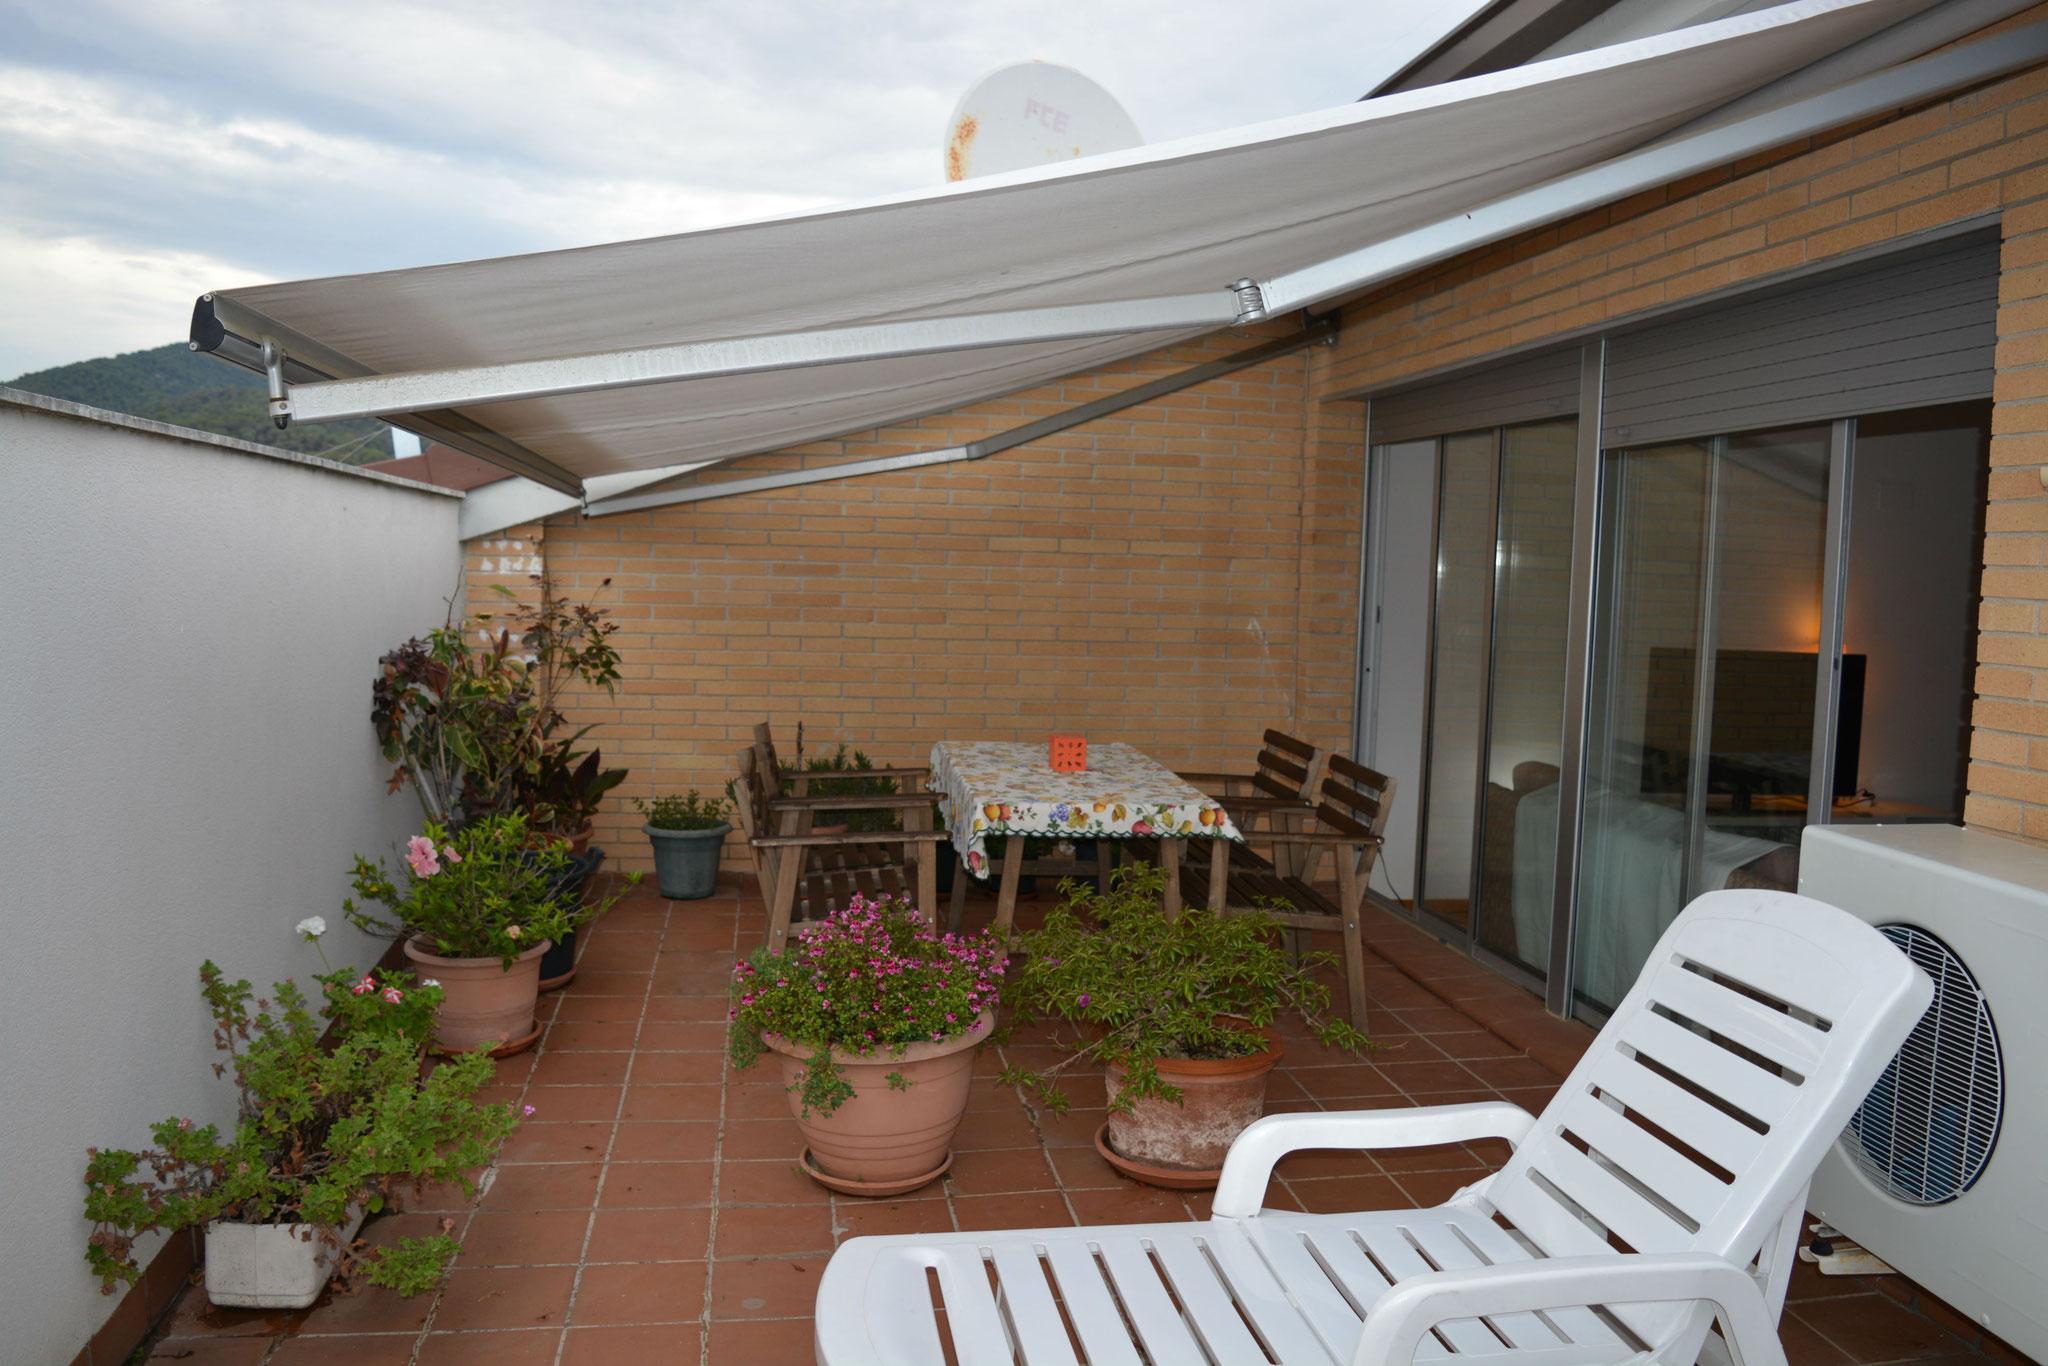 Terraza solario del estudio